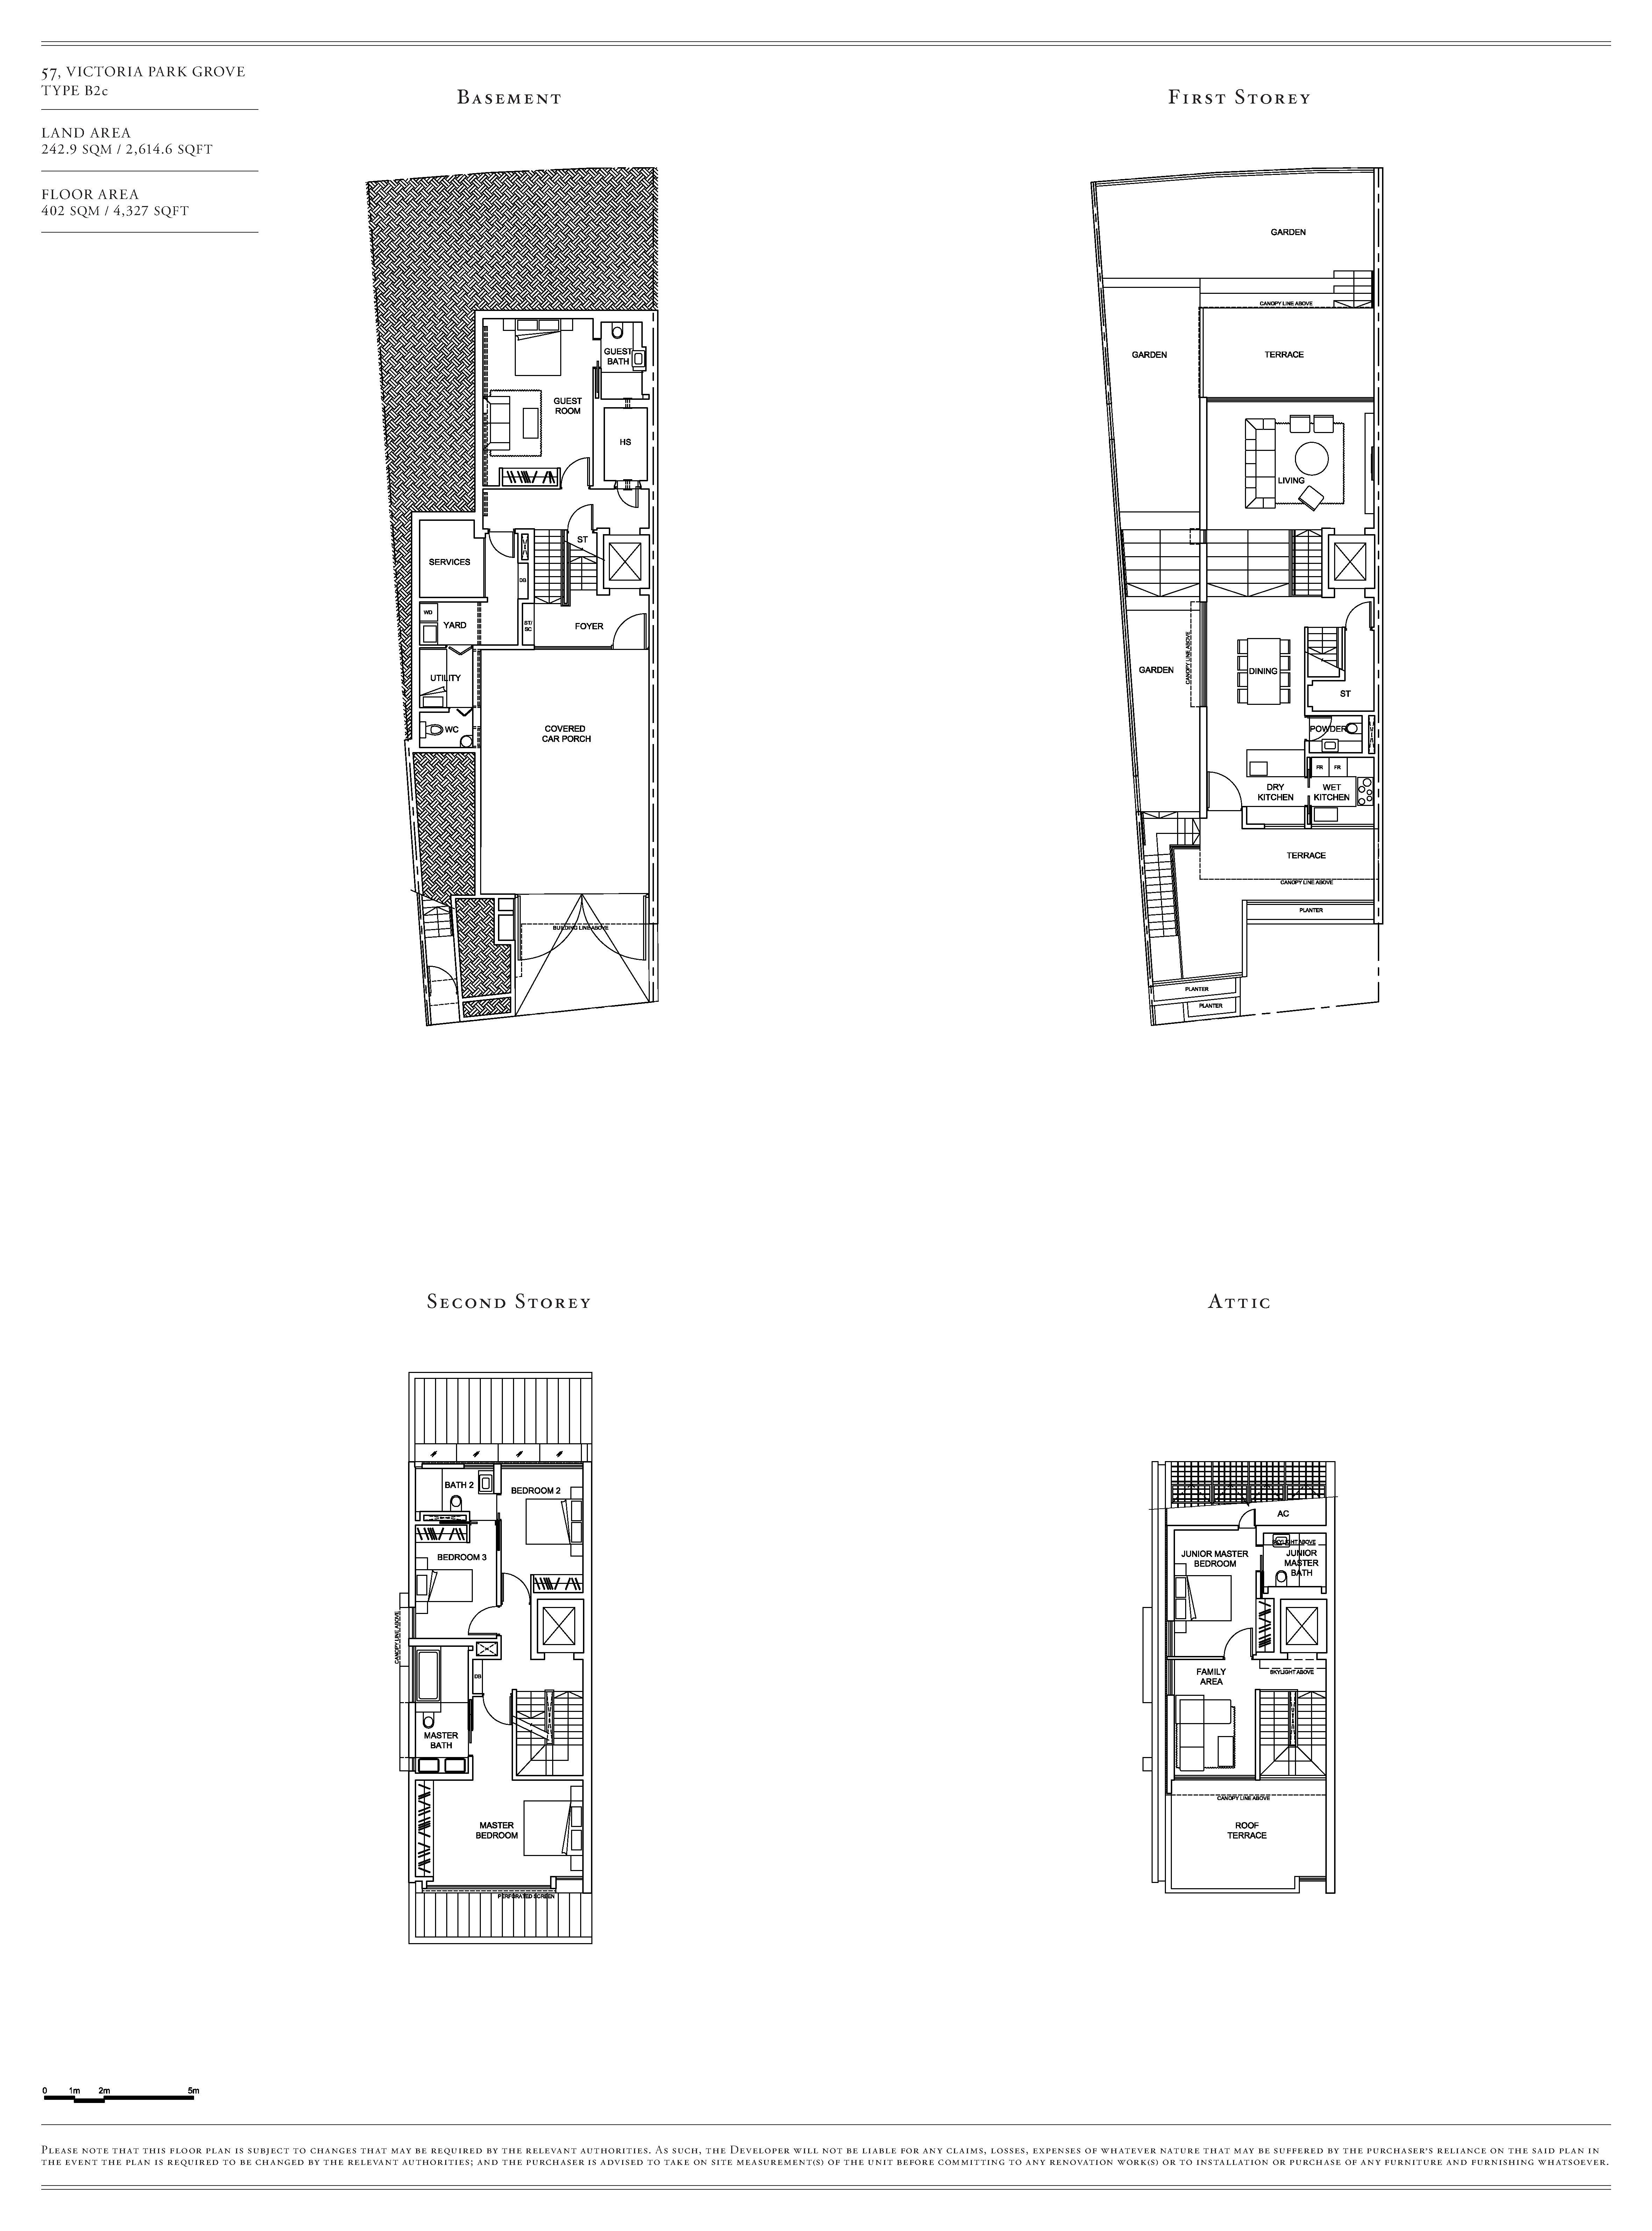 Victoria Park Villas House 57 Type B2c Floor Plans